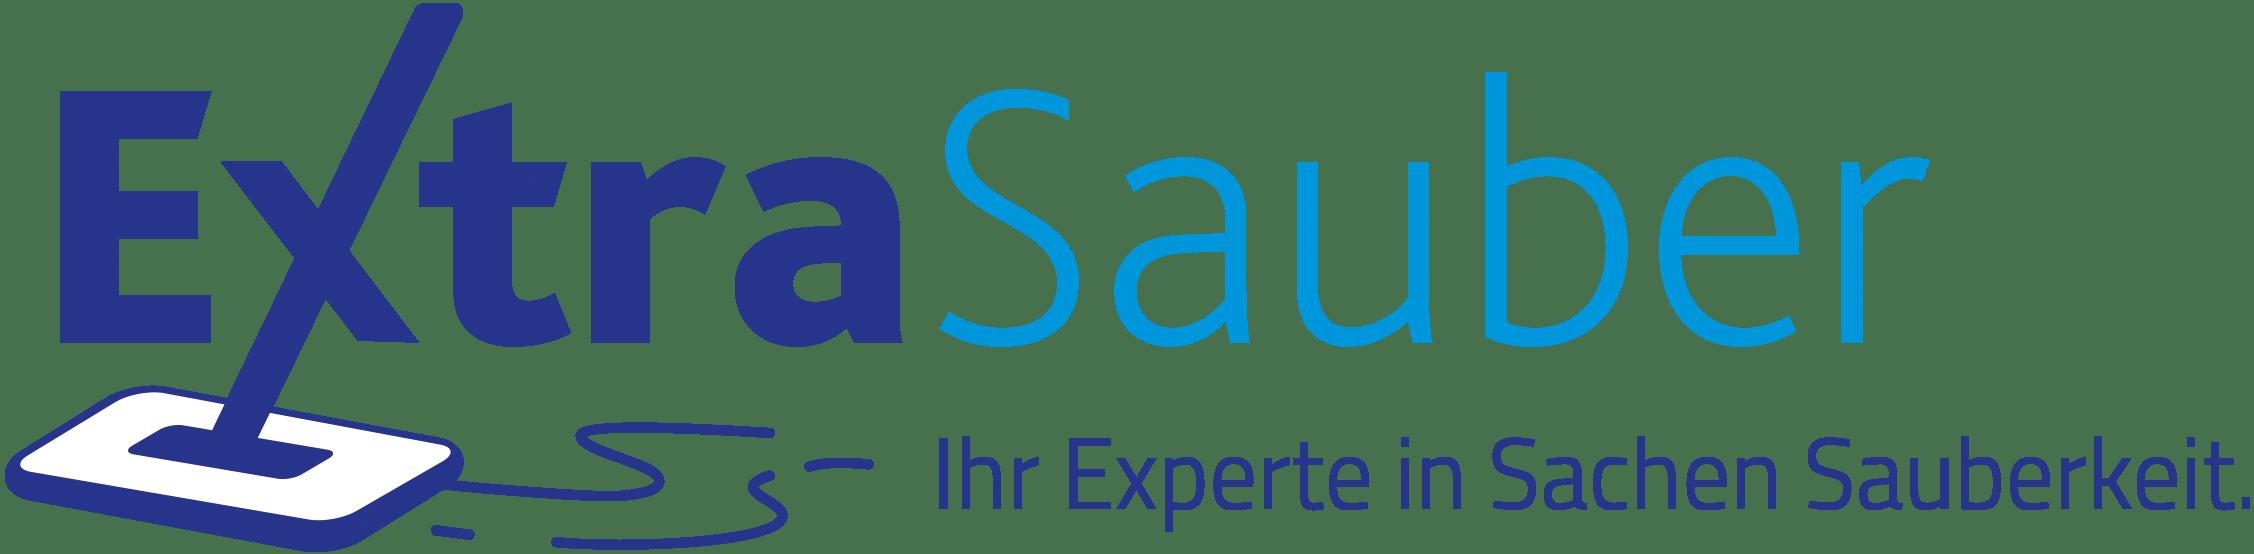 Putzfrau ExtraSauber Deutschland